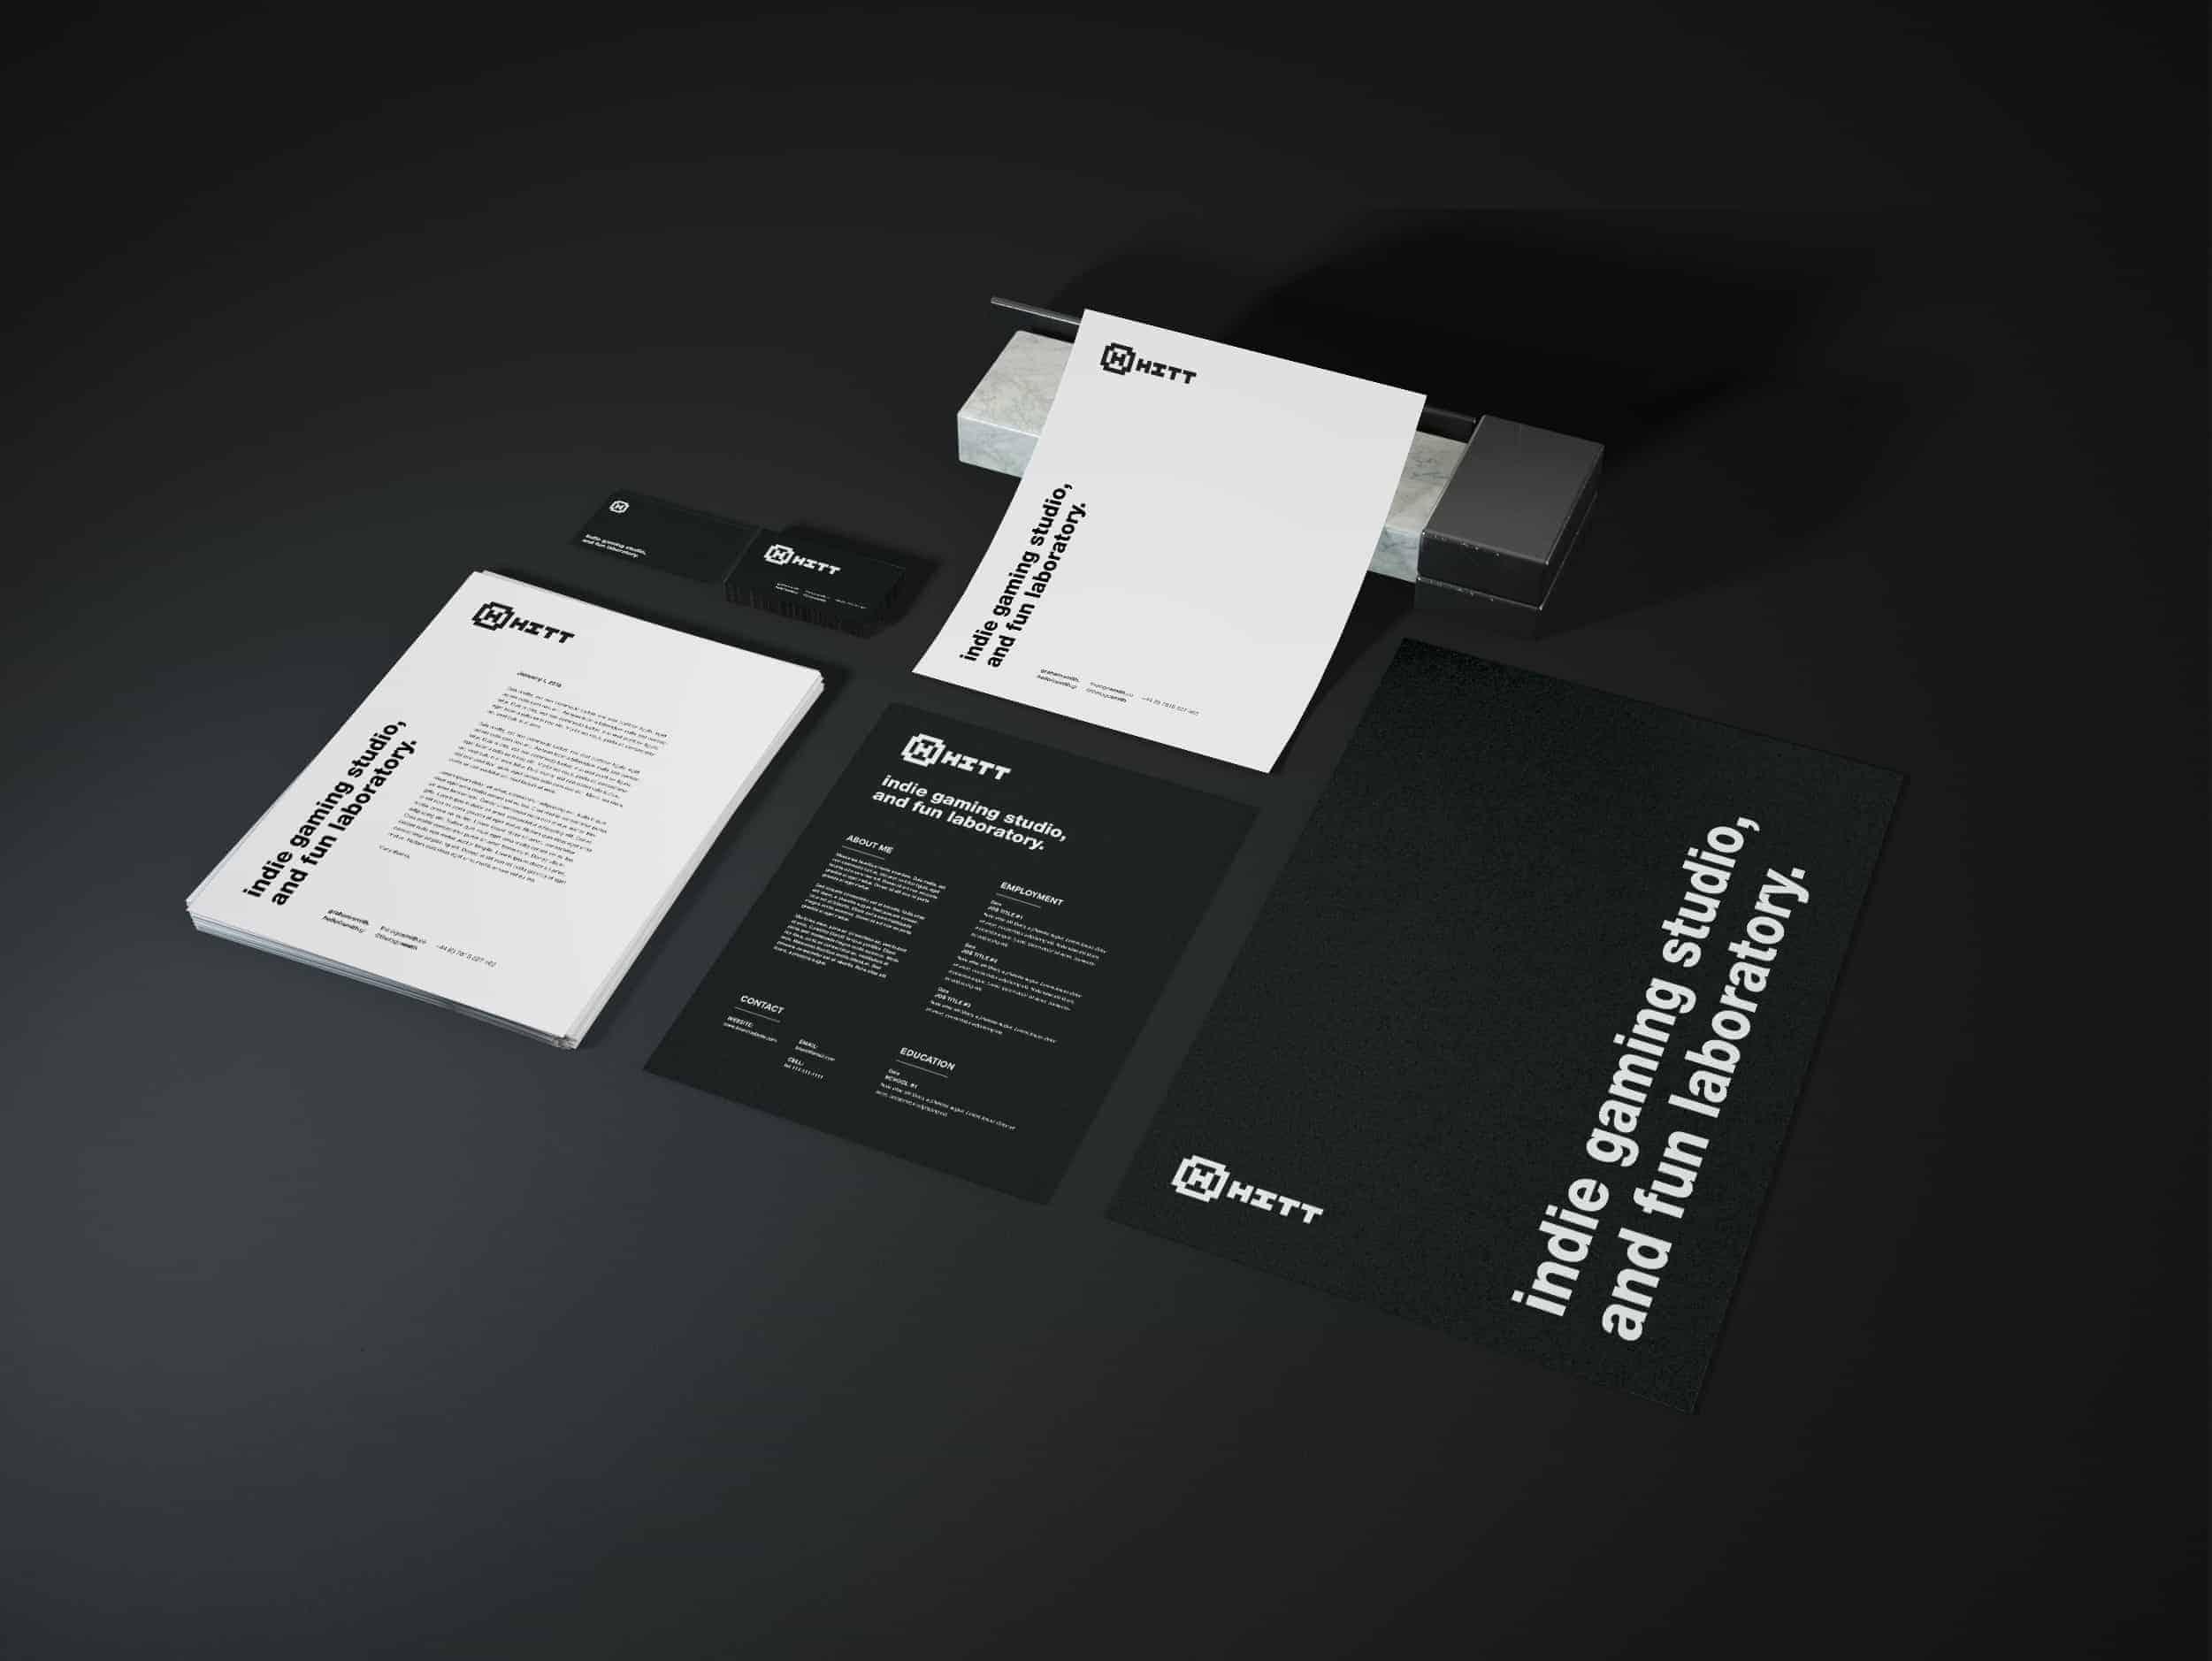 HITT gaming studio logo brand identity stationery design 3